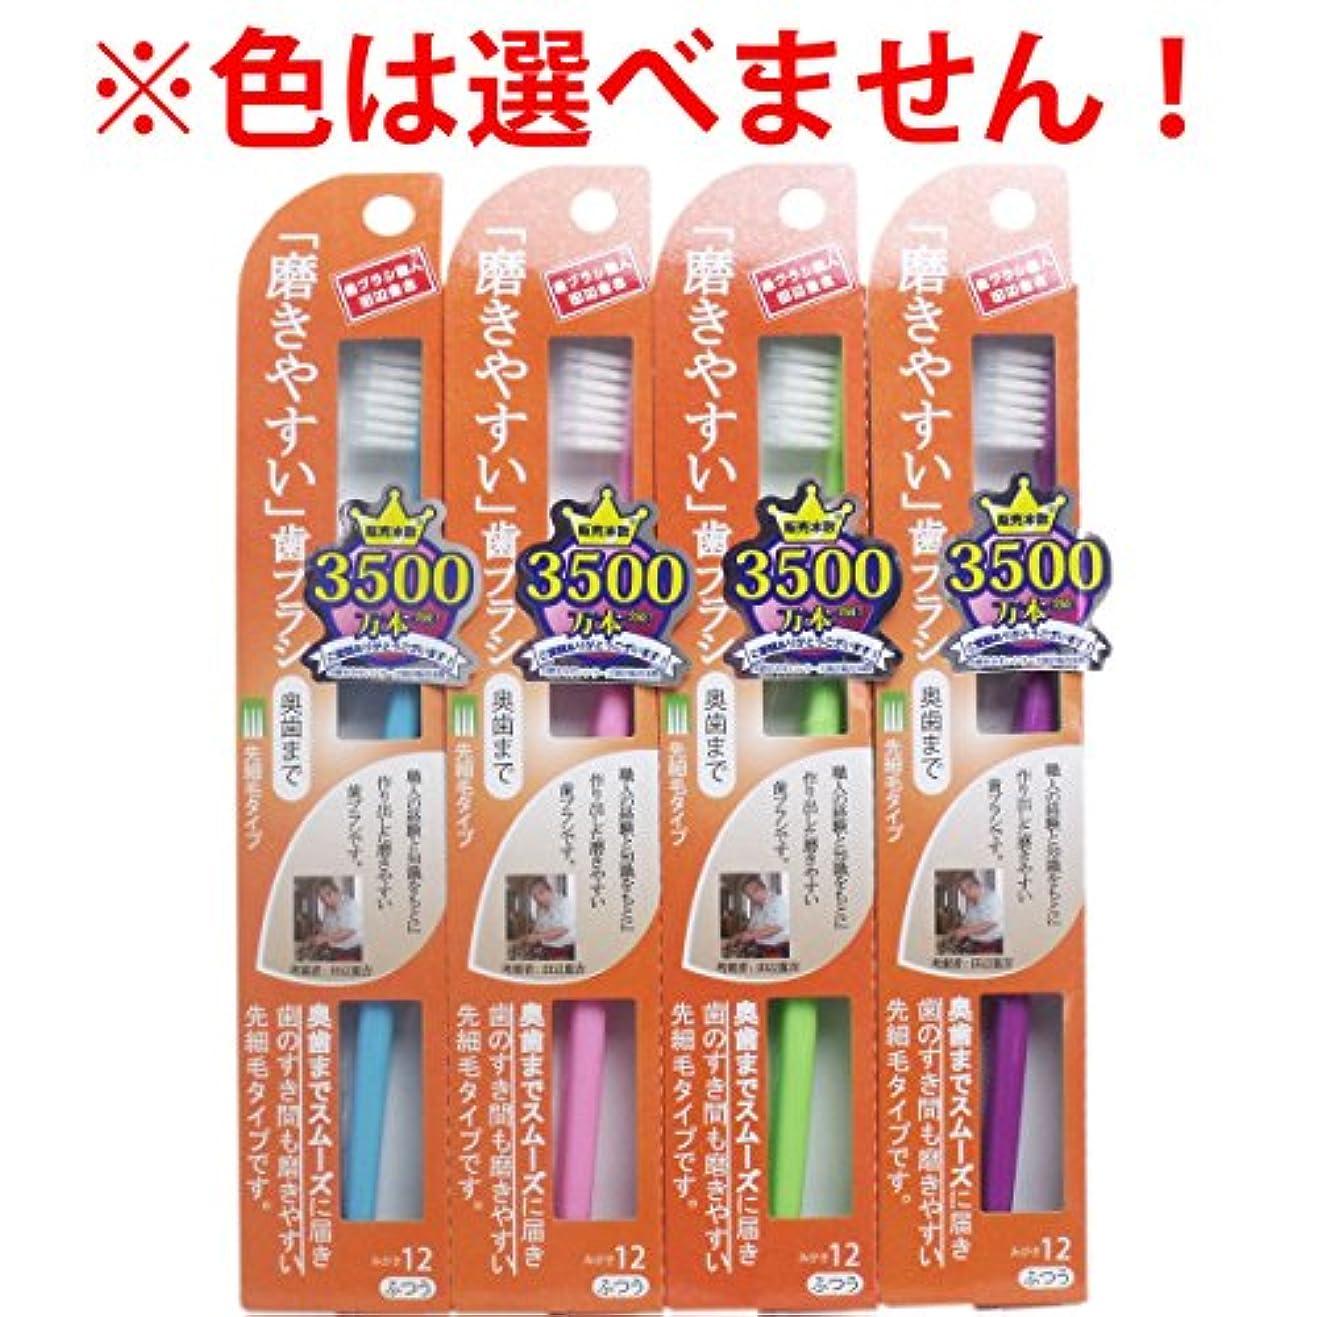 クロール敵不利益【2セット】磨きやすい歯ブラシ(奥歯まで)先細 1P*12本入り